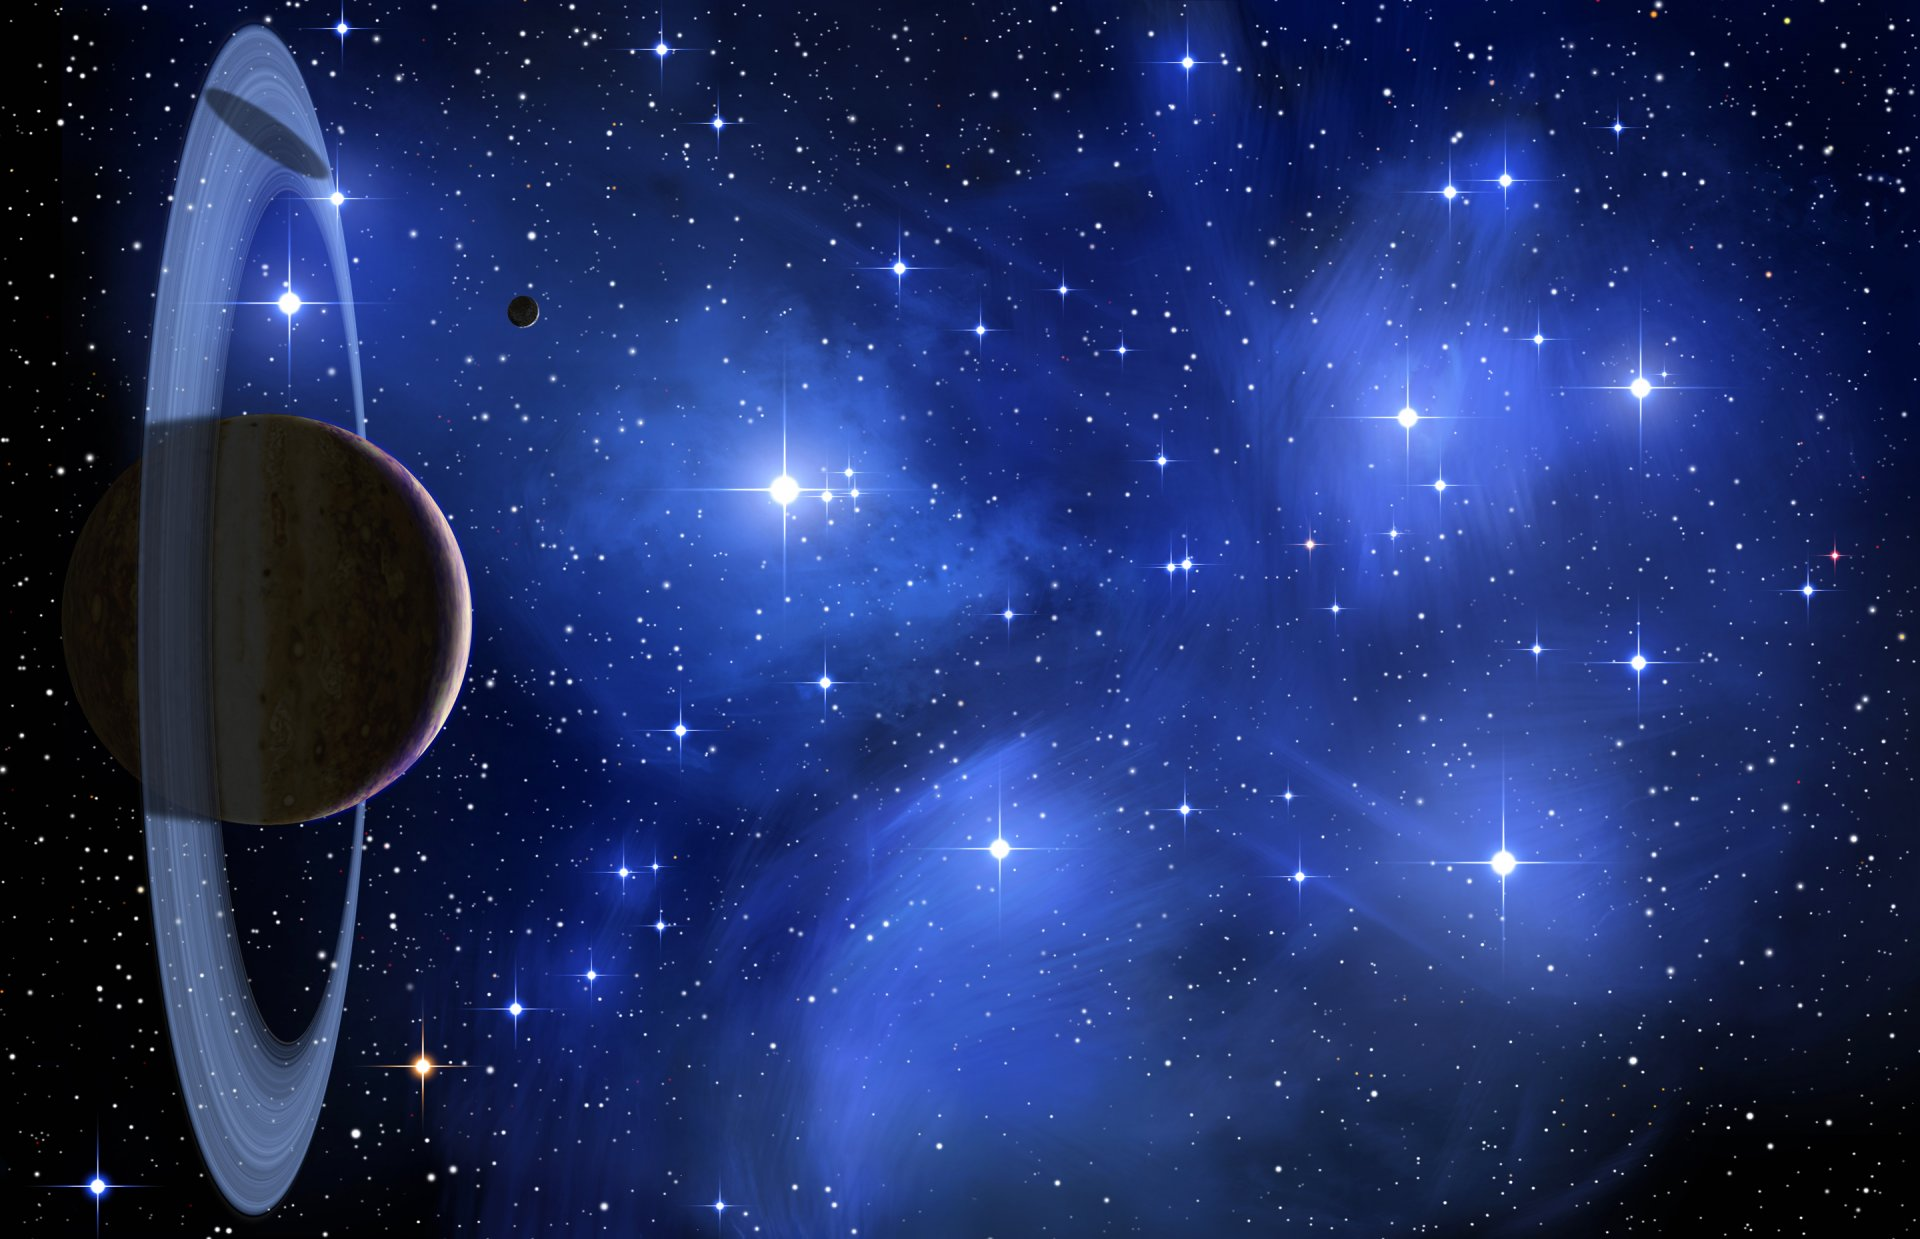 прозрачный картинки про звезды в космосе шашлыки спортом, как